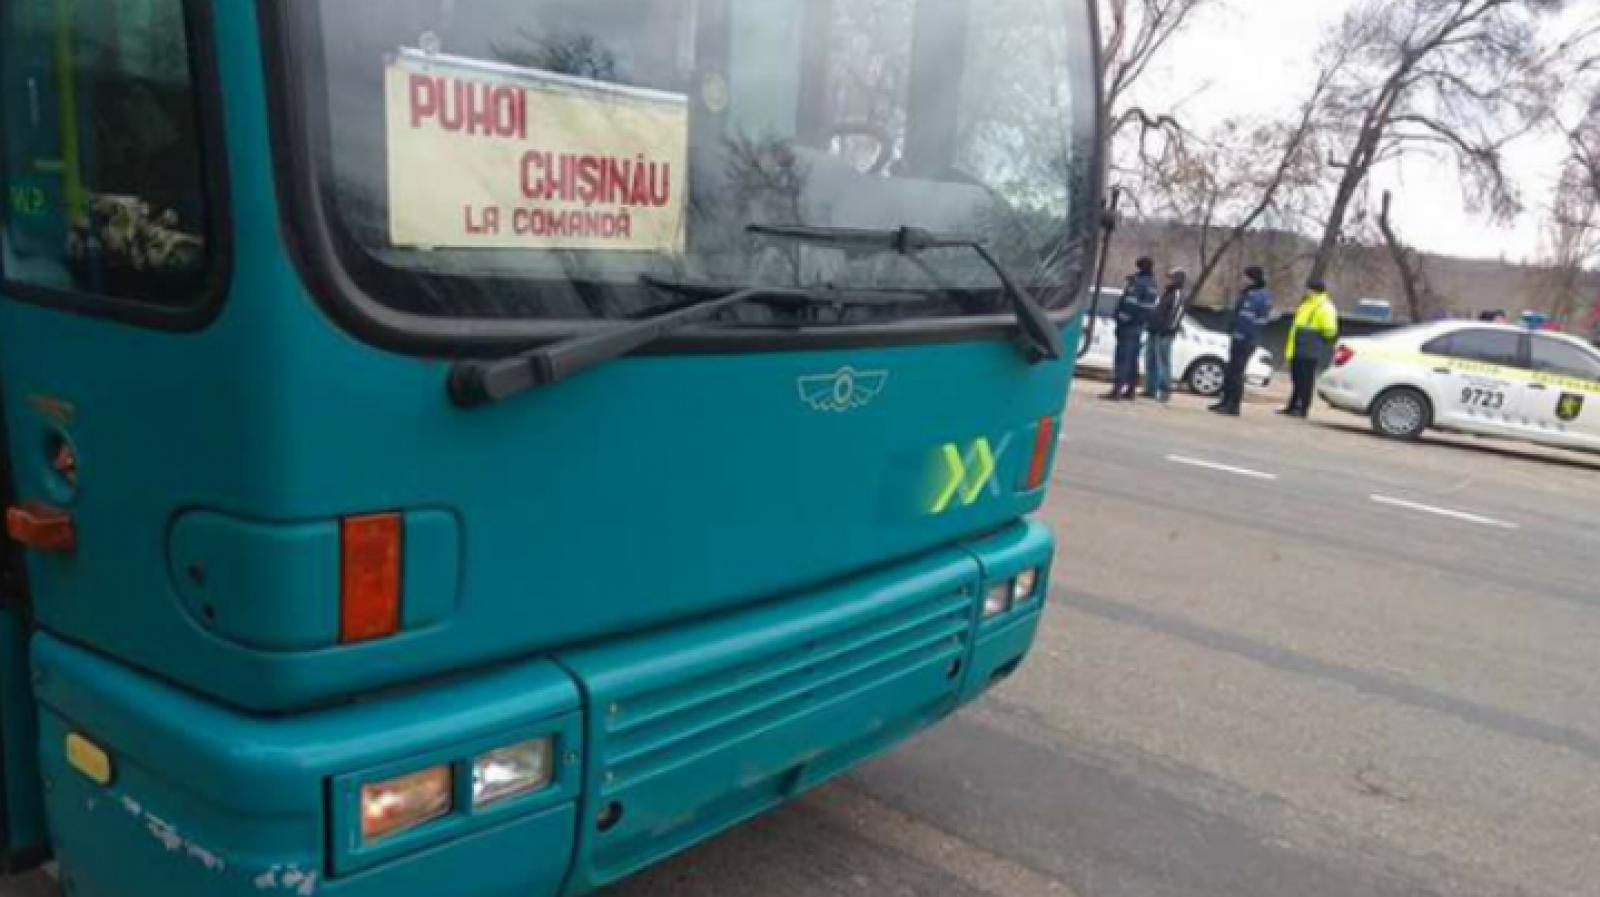 """(video) Reprezentanții ANTA au ajuns la Puhoi. Localnicii scandează """"Rușine"""" și cer să întoarcă autocarele Primăriei"""